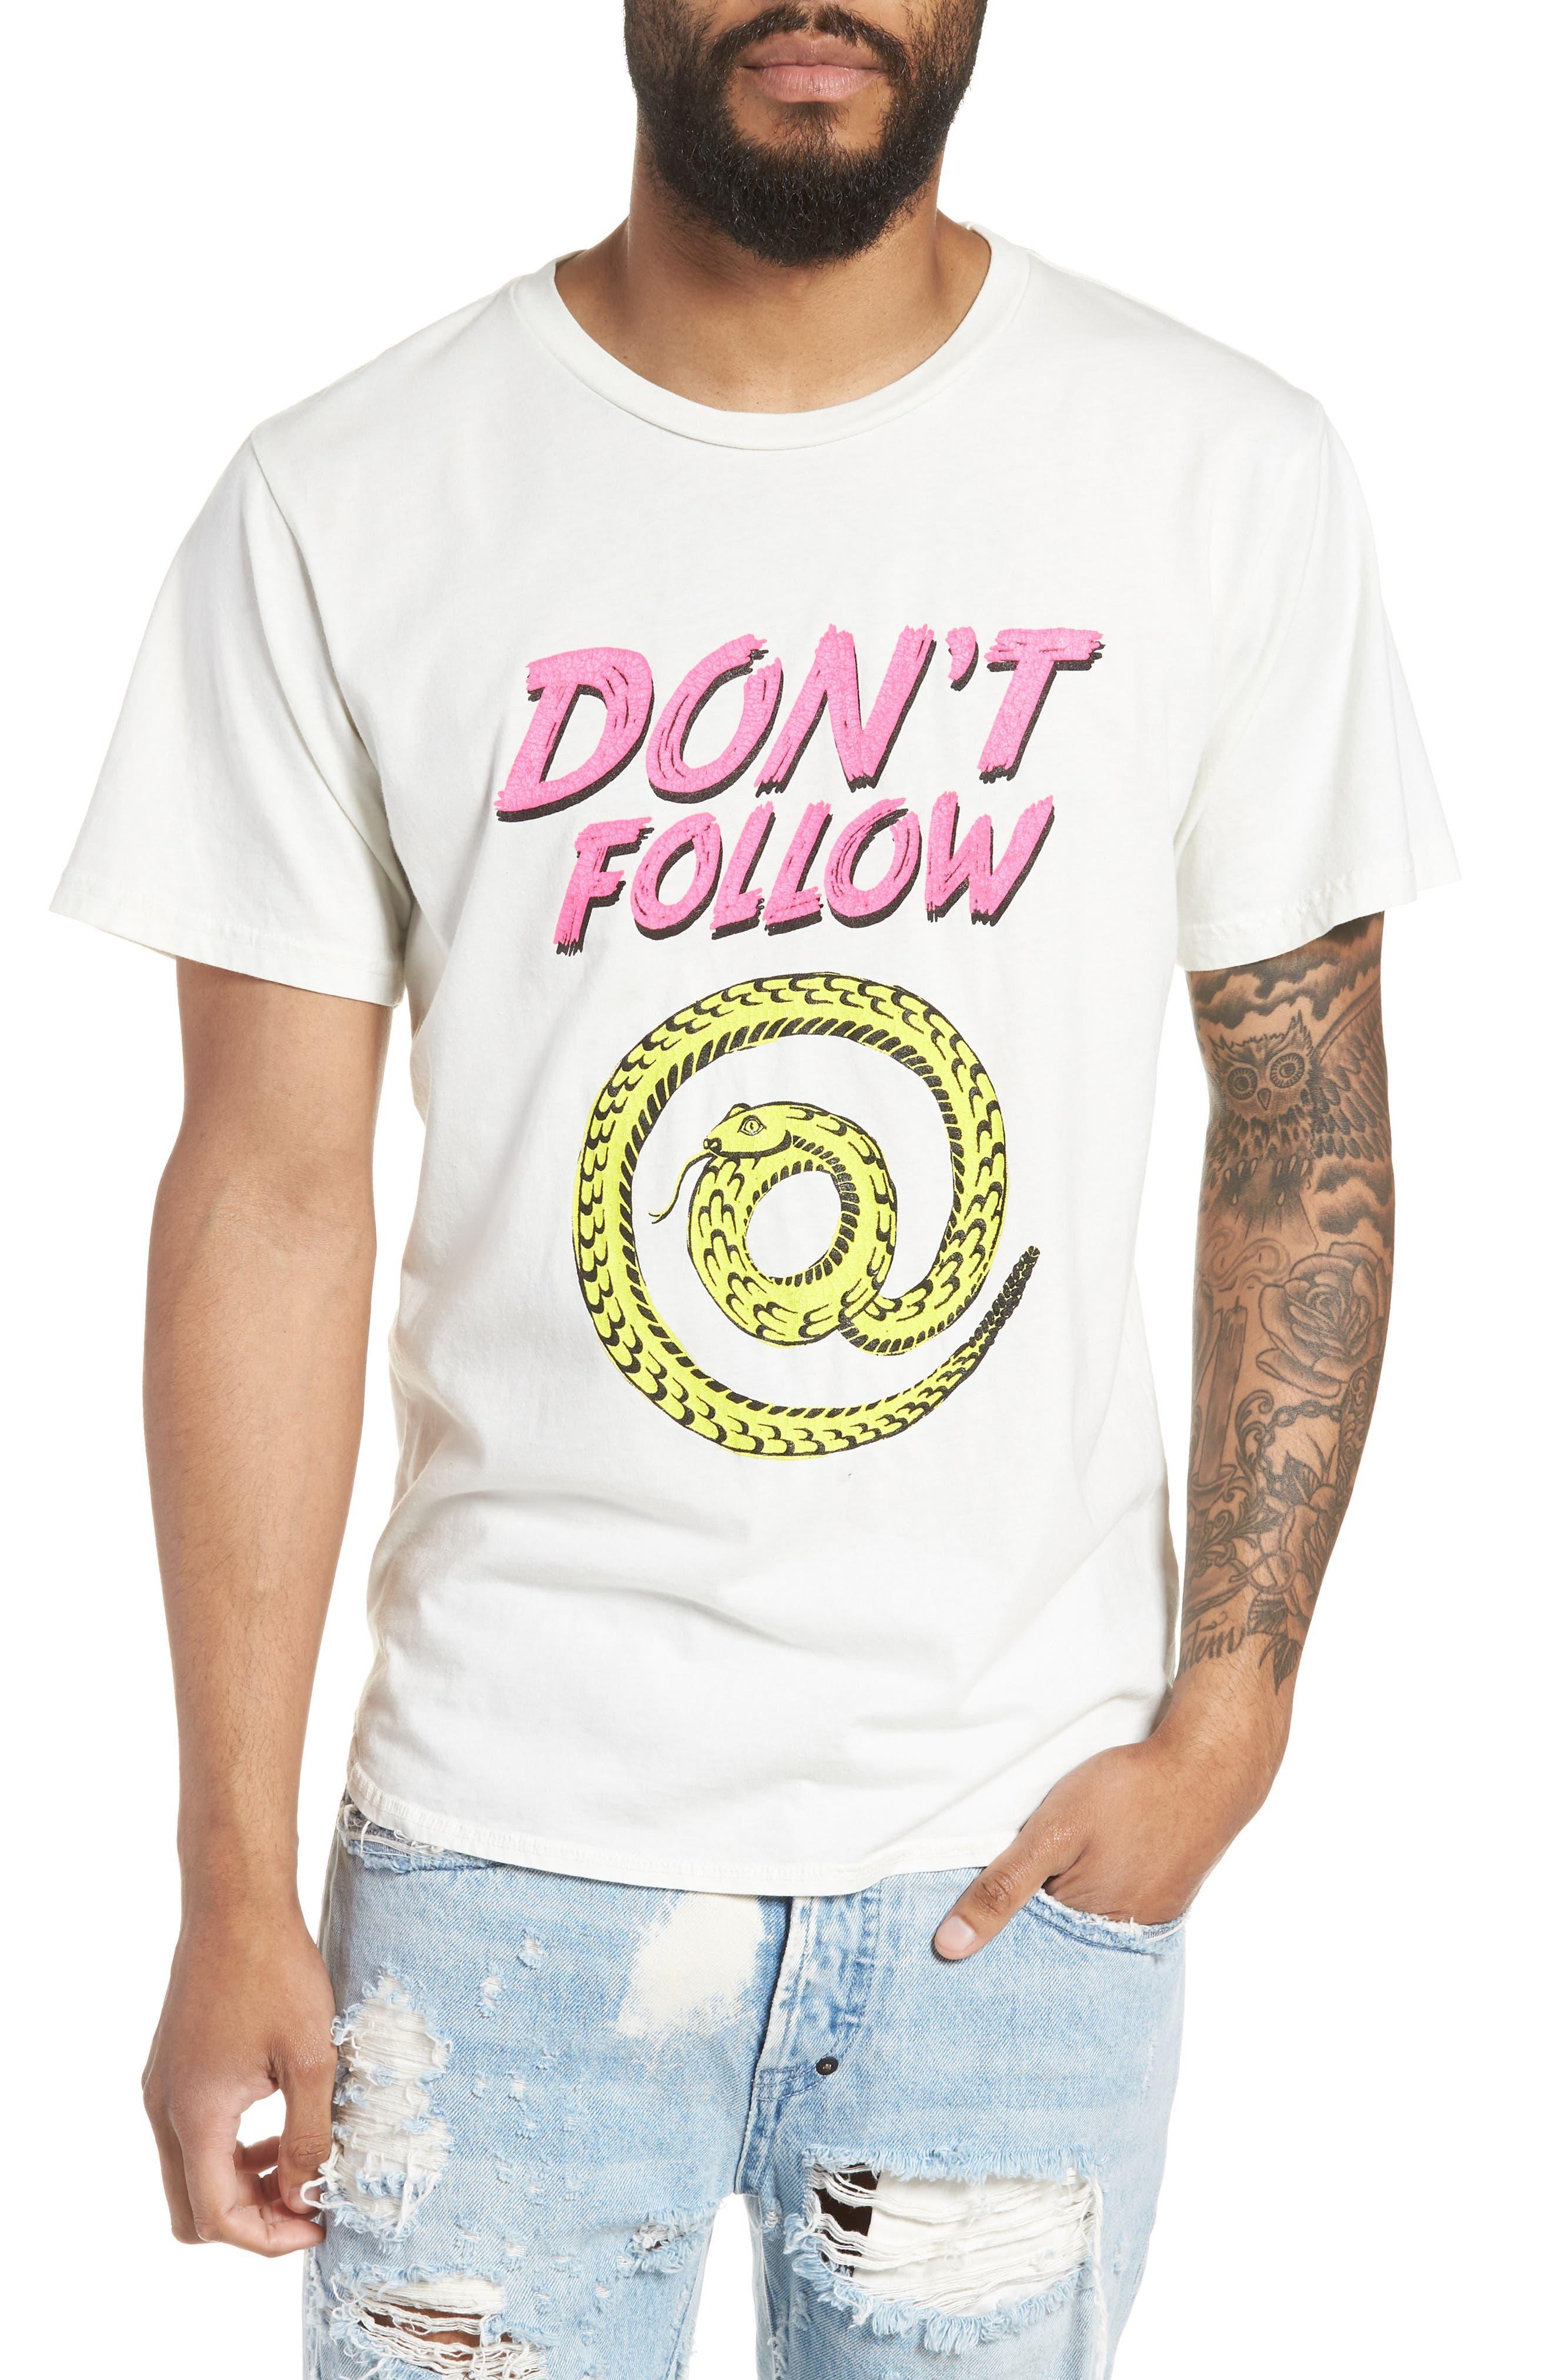 Don't Follow Crewneck T-shirt,                             Main thumbnail 1, color,                             100